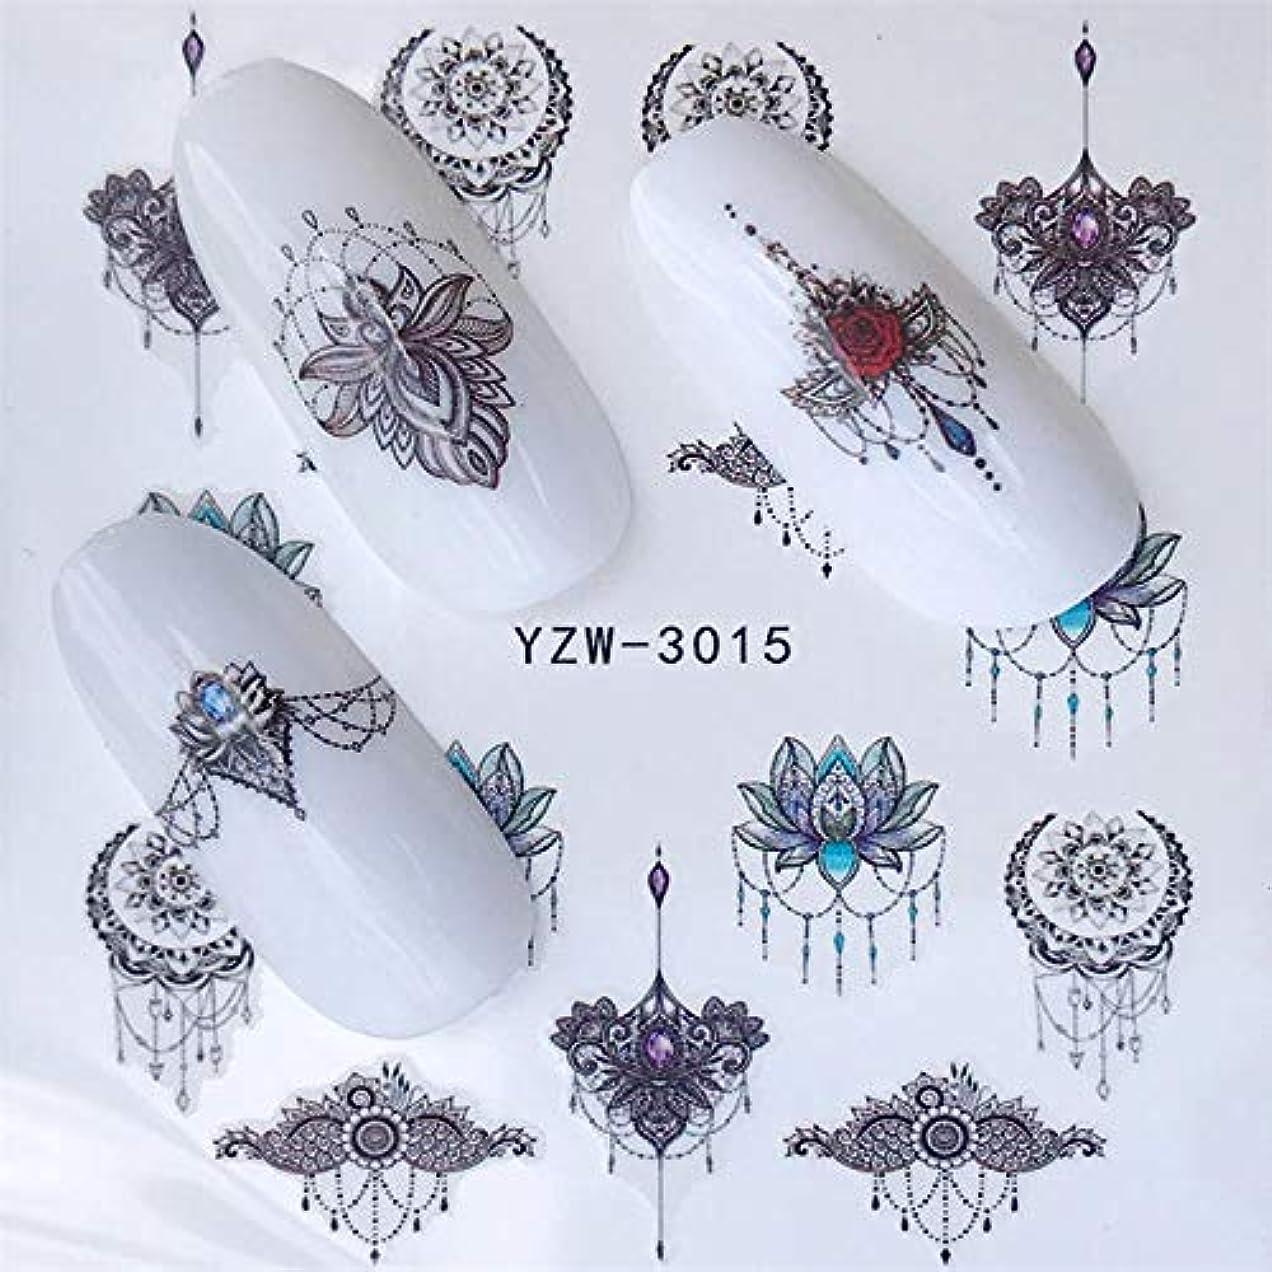 何故なのクライストチャーチ特許SUKTI&XIAO ネイルステッカー 10枚の水デカールネイルアートネイルステッカースライダーケーキネガティブスペースフラワーカラフルなヒントDiyネイルデカール装飾、Yzw-3015